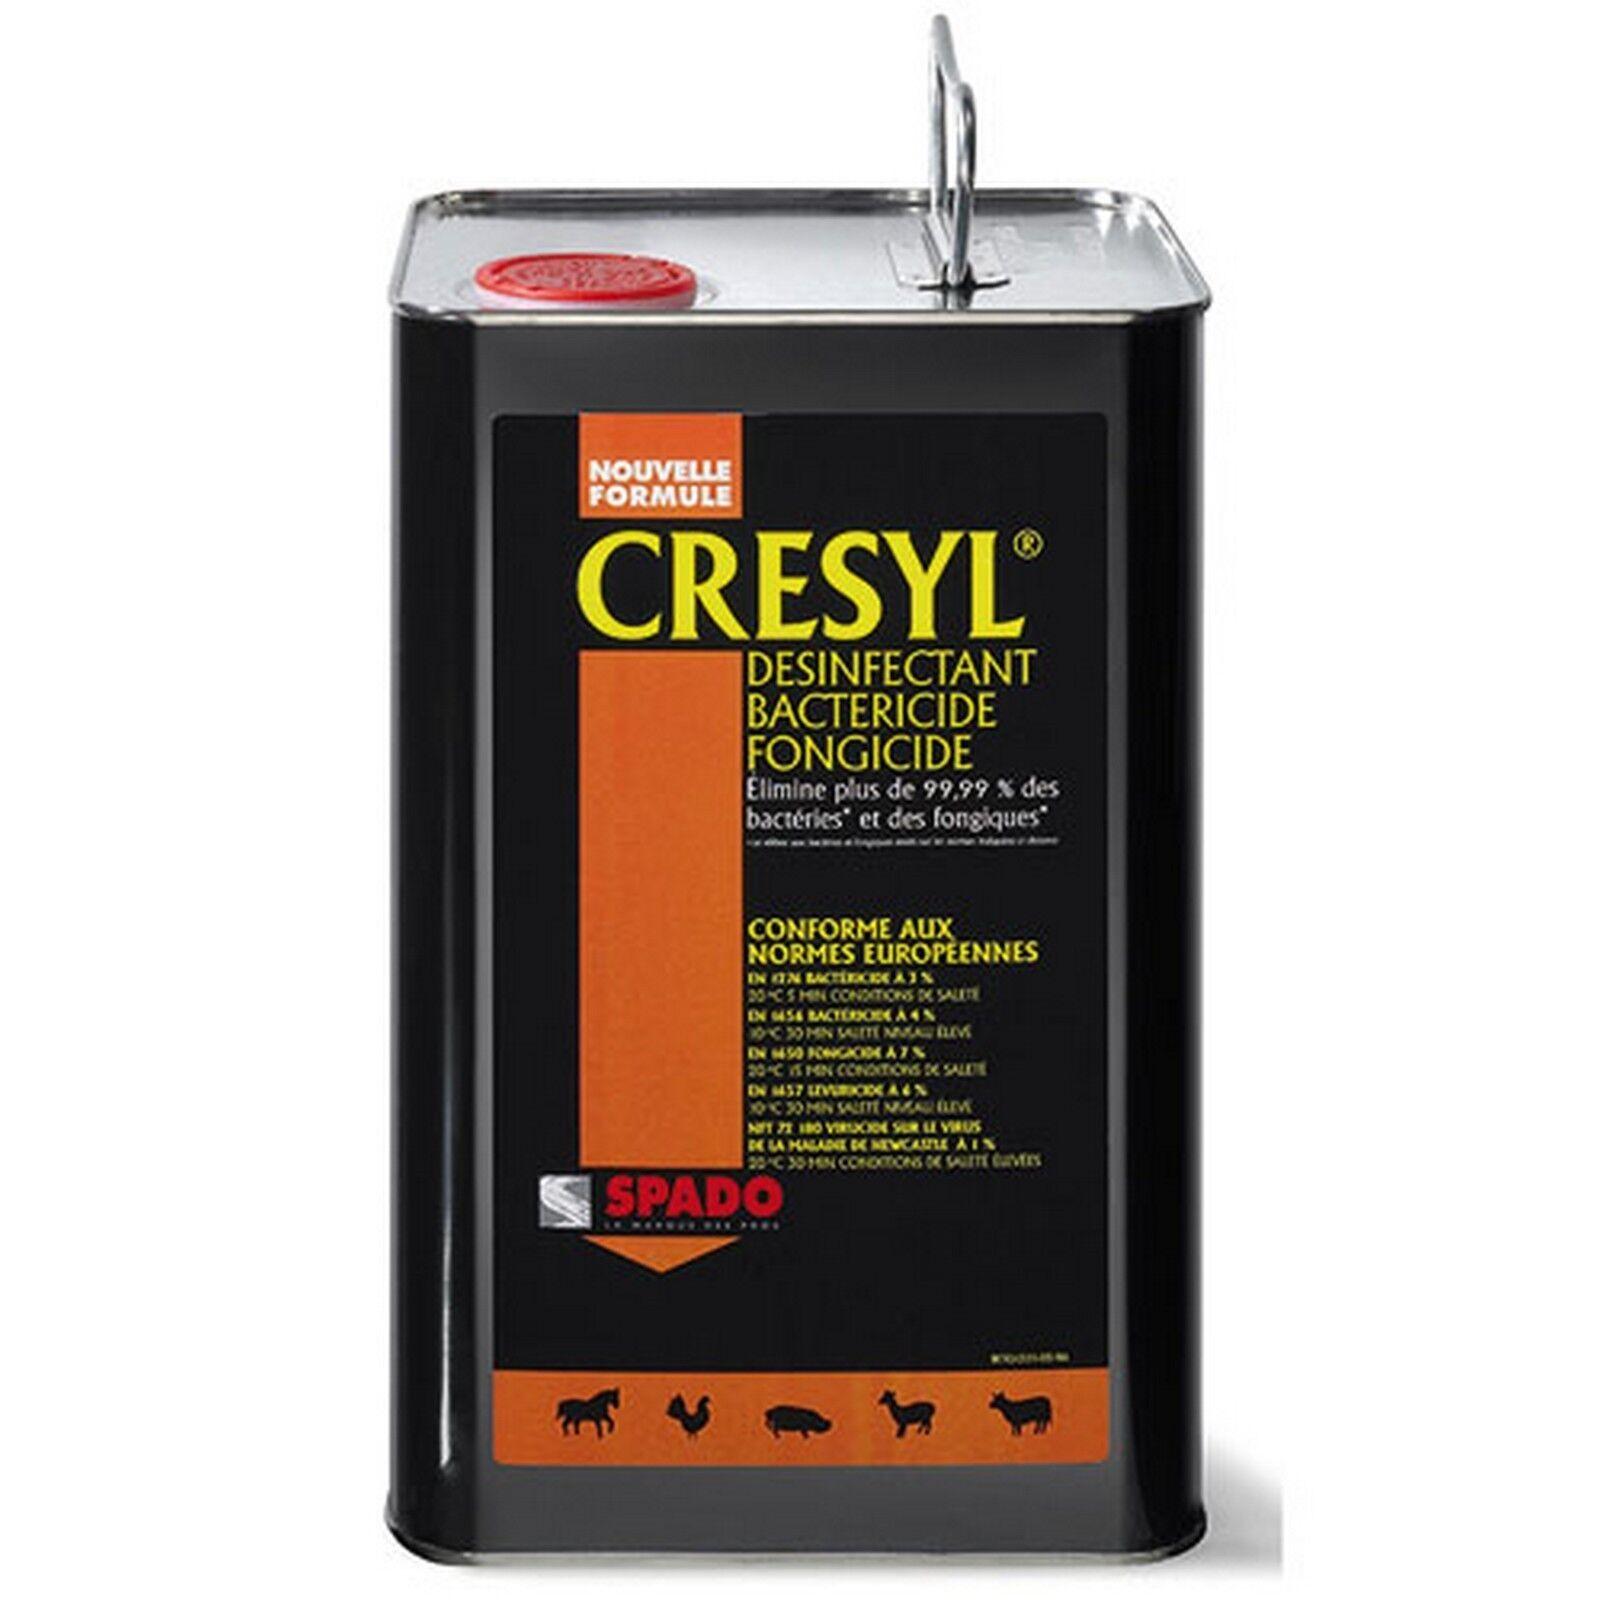 SPADO CRESYL GRESYL nettoyant désinfectant désinfectant désinfectant bactéricide fongicide 5 litres ff865d